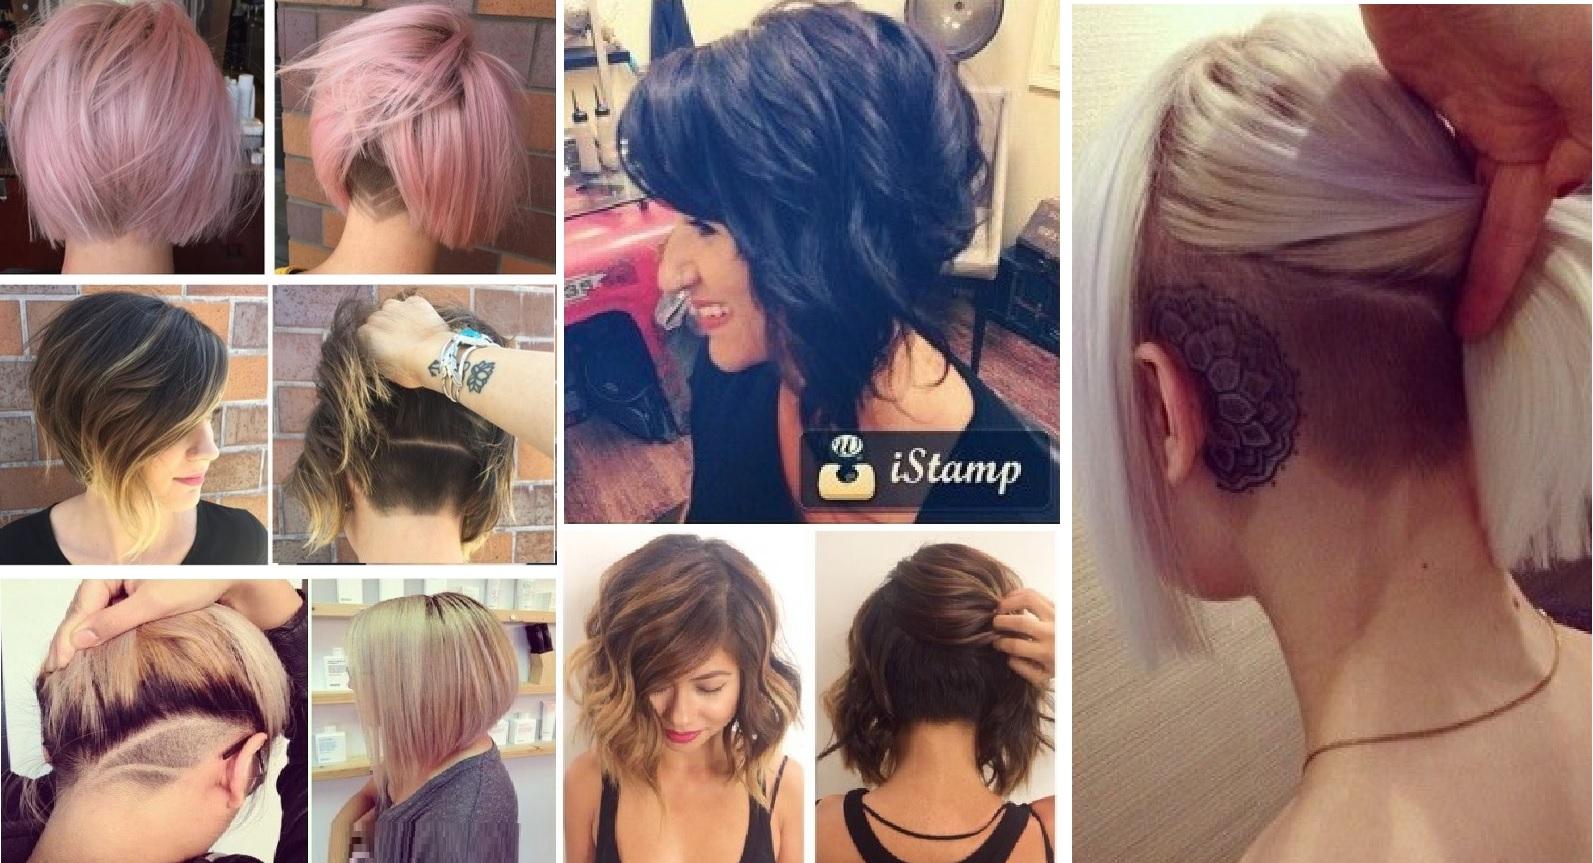 Comment faire une coupe cheveux long   Coiffures populaires